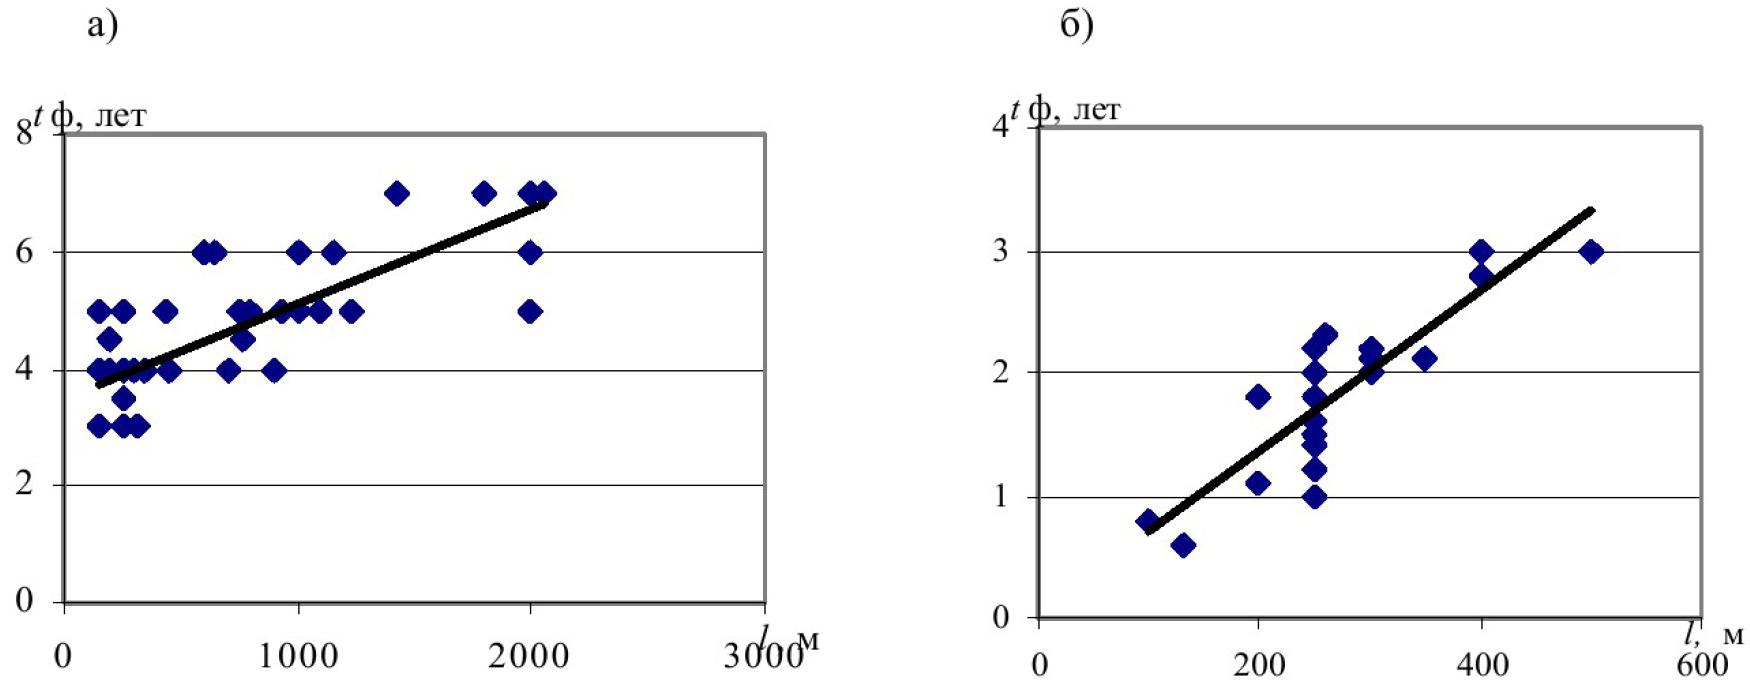 Оценка влияния факторов горного производства на срок службы электрических сетей угольных разрезов Кузбасса 8